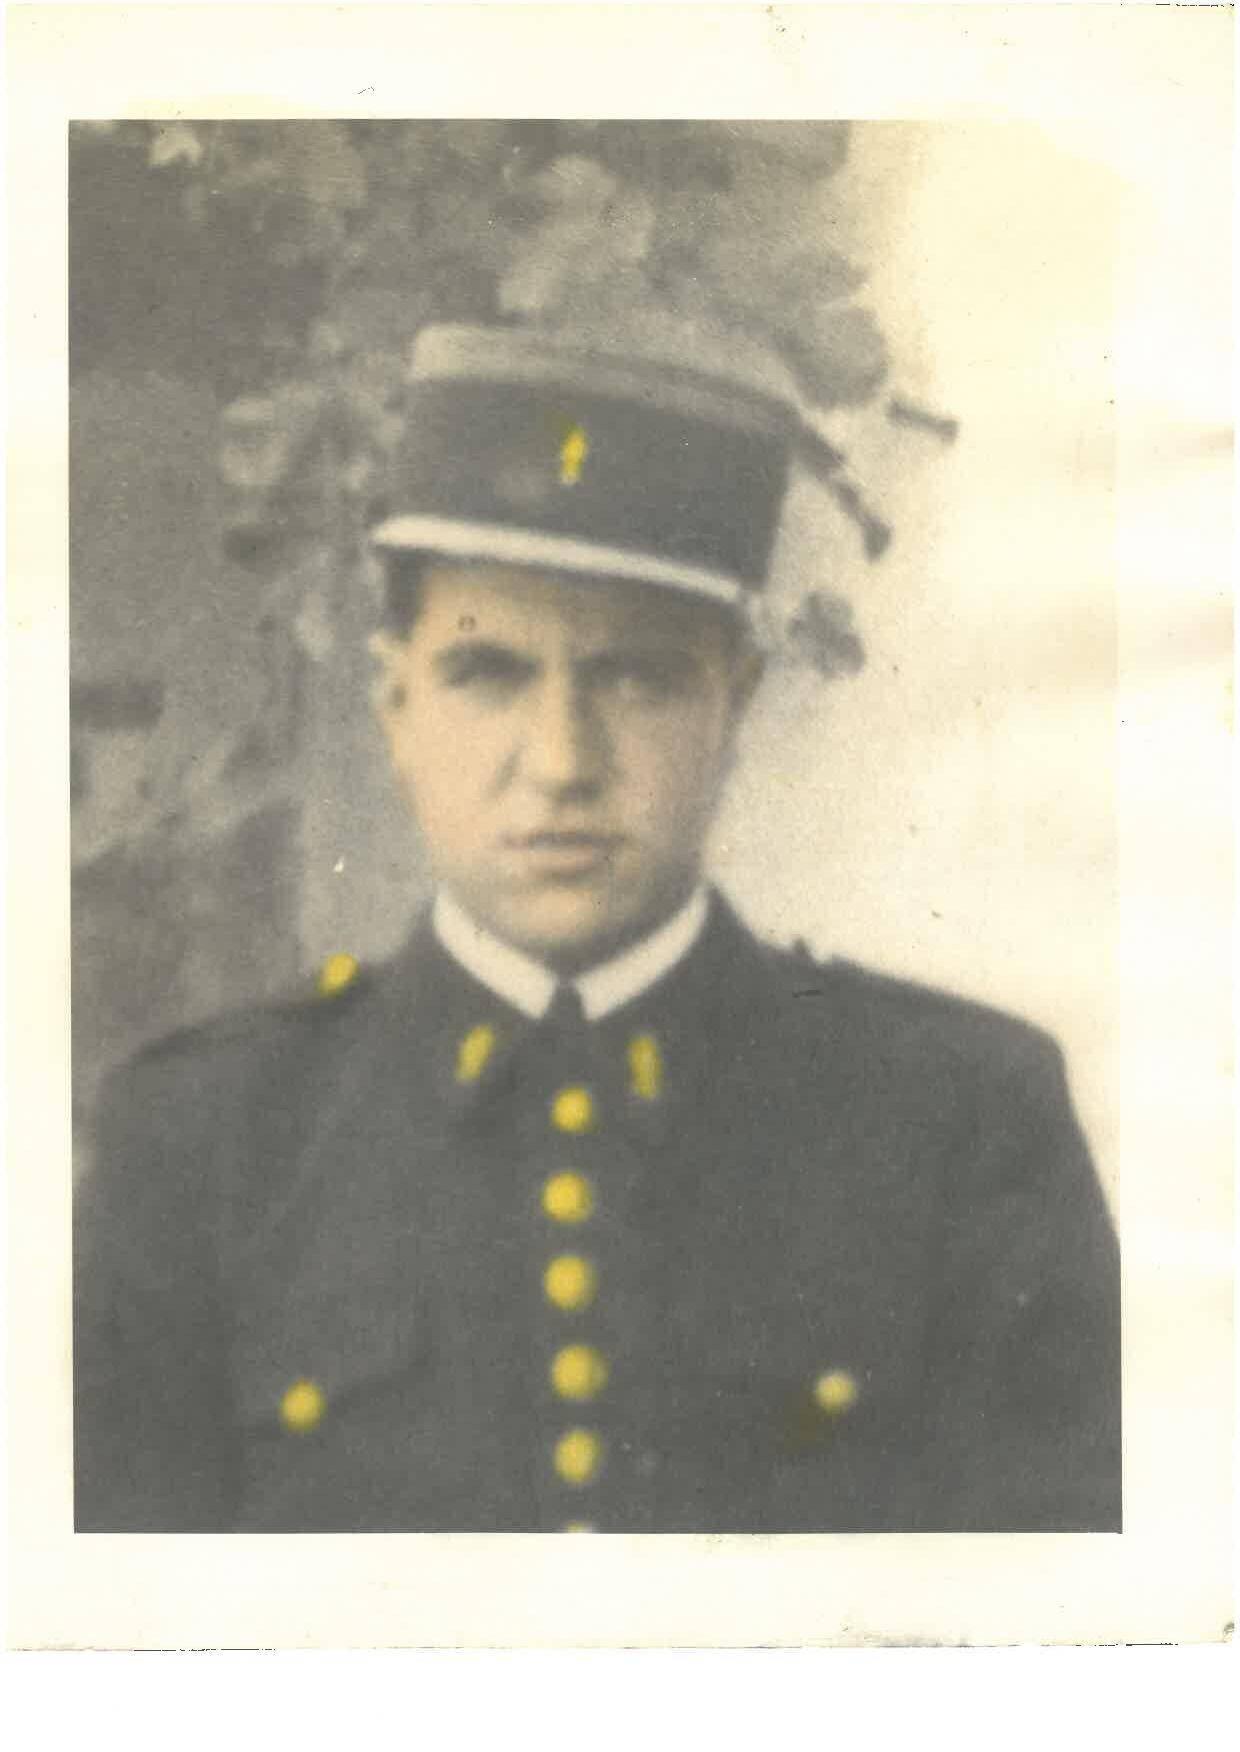 Le gendarme Jean Roudière, tombé le 5 juin 1940 lors de la bataille de la Somme.